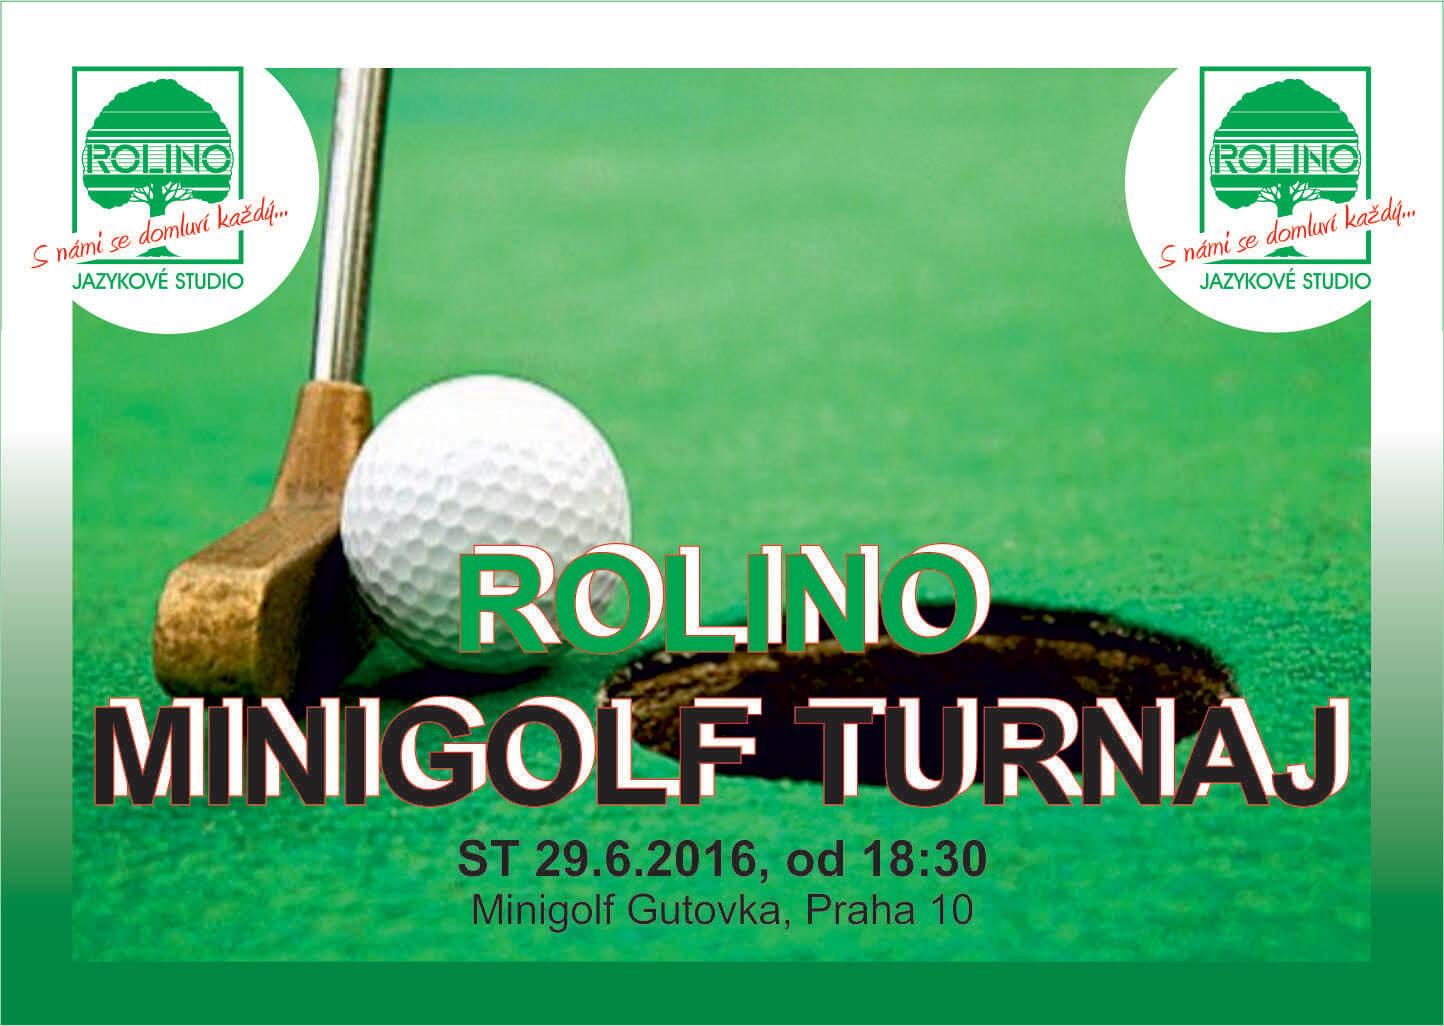 Rolino_minigolf_Turnaj_2016